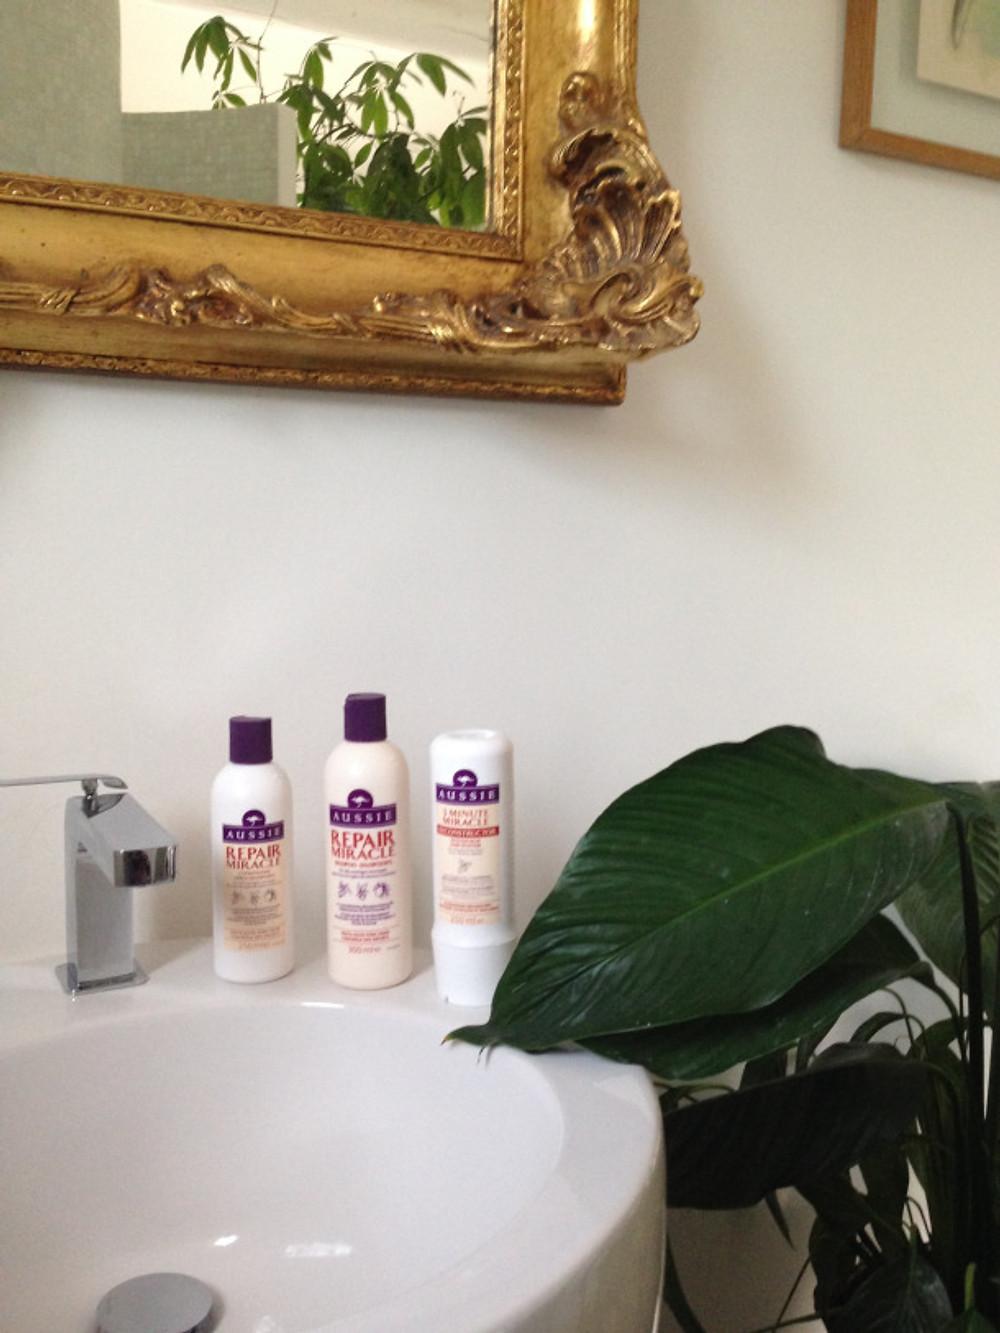 La gamme REPAIR MIRACLE est composée d'un shampoing et d'un après- shampoing, accompagnés du désormais mythique soin 3 MINUTE MIRACLE RECONSTRUCTOR.